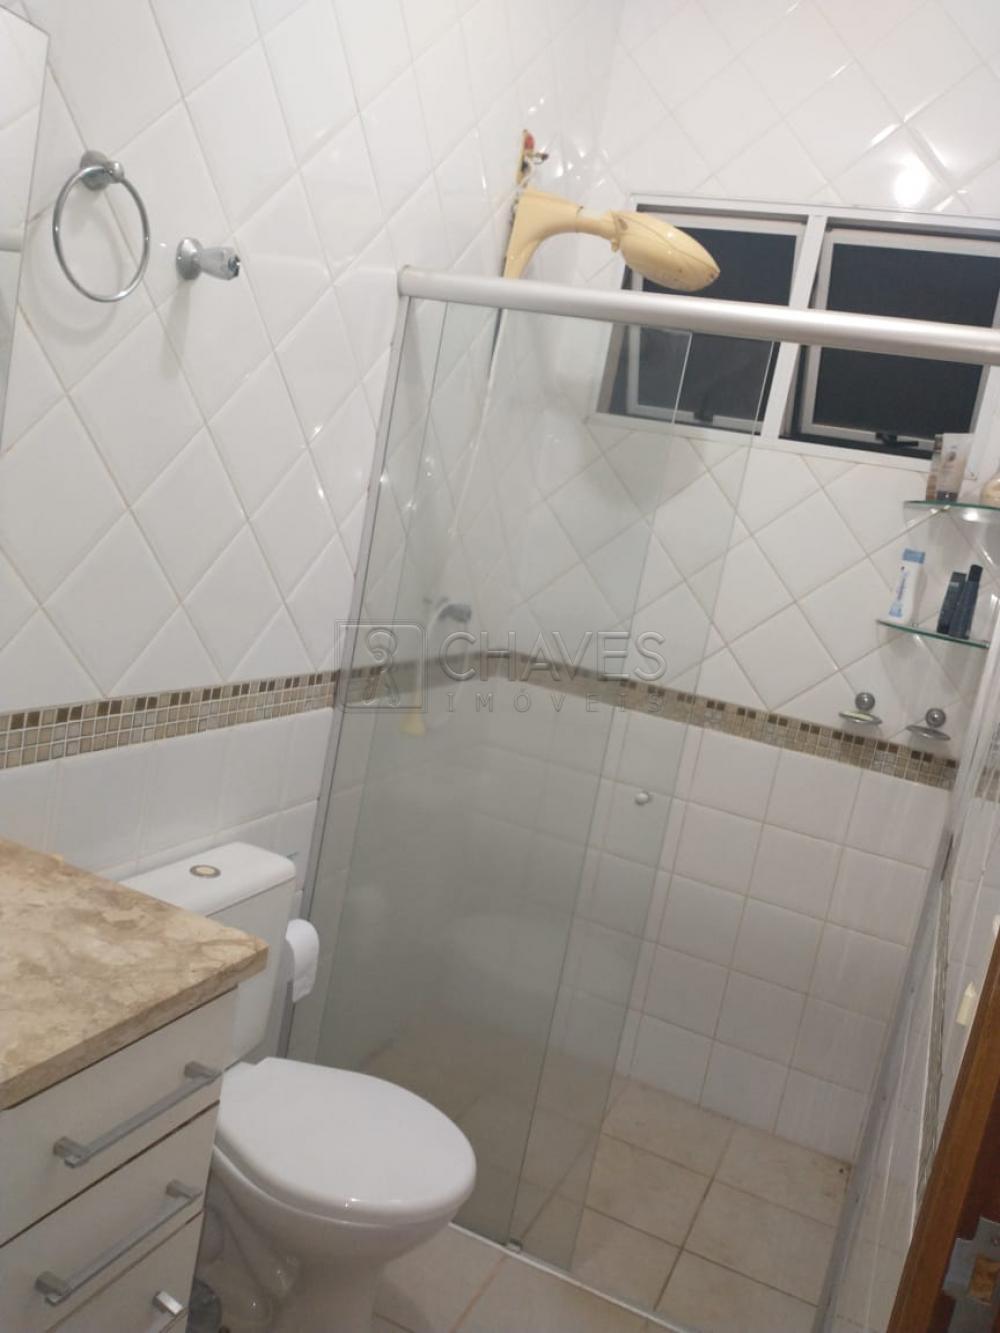 Alugar Casa / Condomínio em Bonfim Paulista R$ 3.500,00 - Foto 17